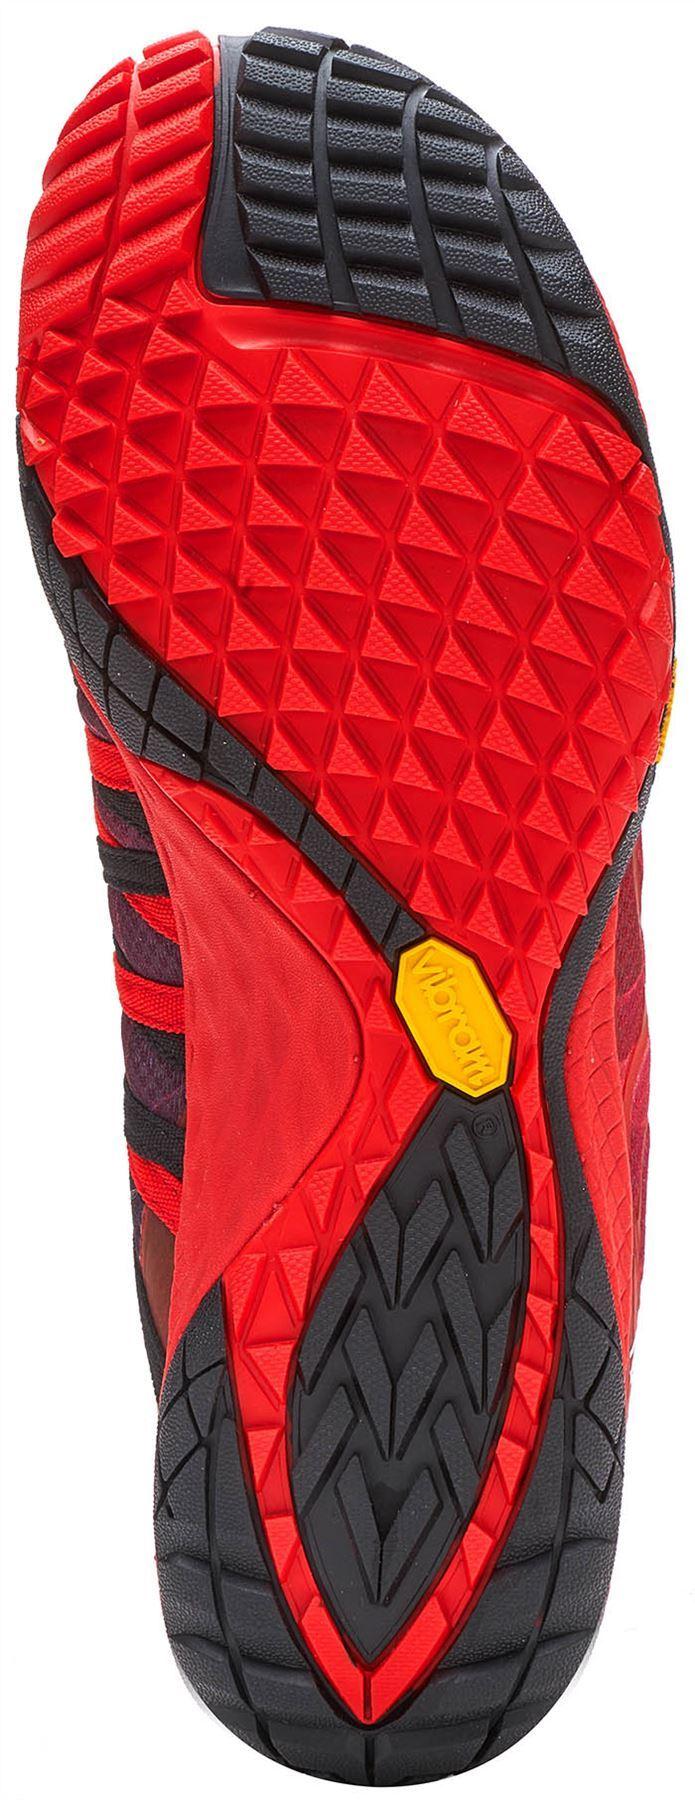 Merrell-Trail-Glove-4-entrenadores-en-Nautica-y-deporte-Azul-Molten-Lava-Rojo-Y-Naranja miniatura 9